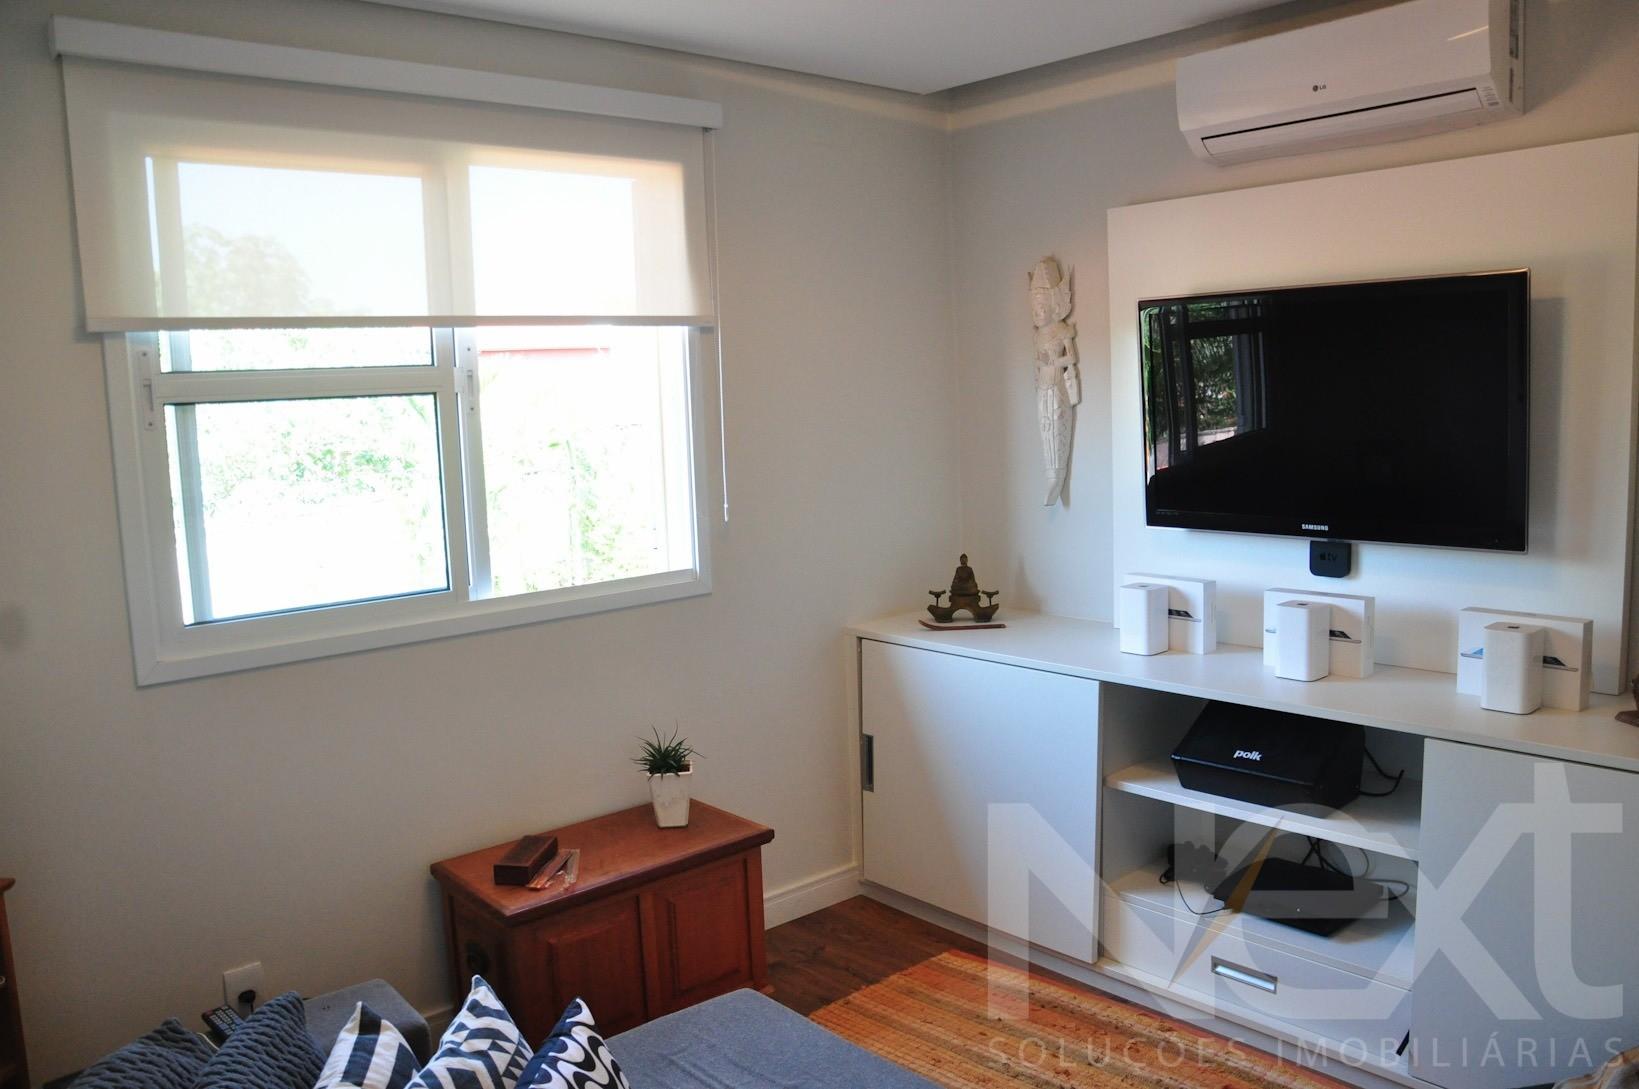 Casa de 3 dormitórios em Barao Geraldo, Campinas - SP